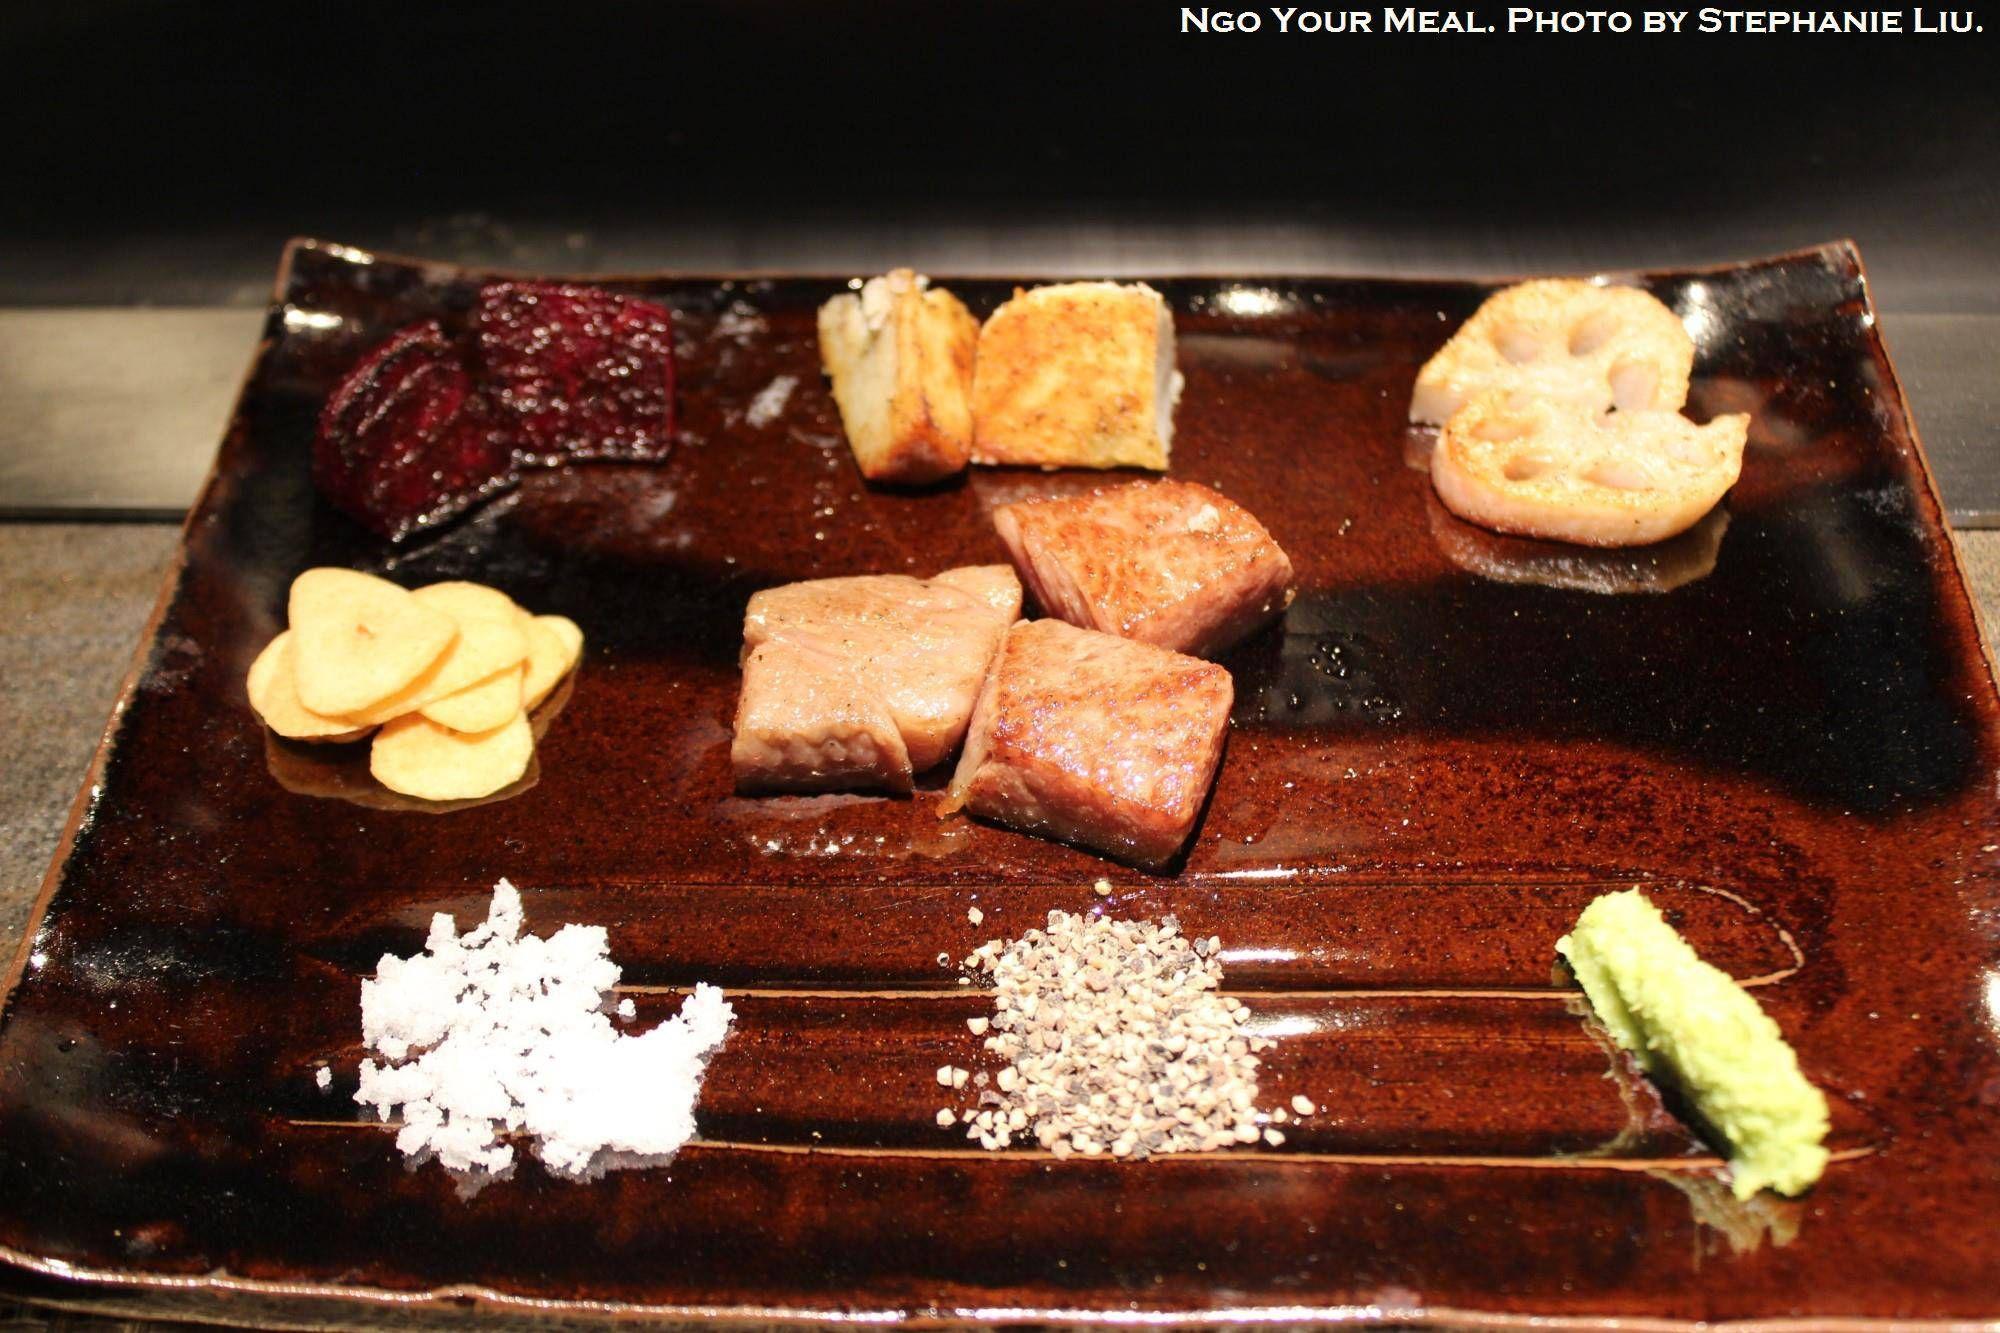 Kobe Rib-eye and Mouriya Special Select Rib-eye at Mouriya